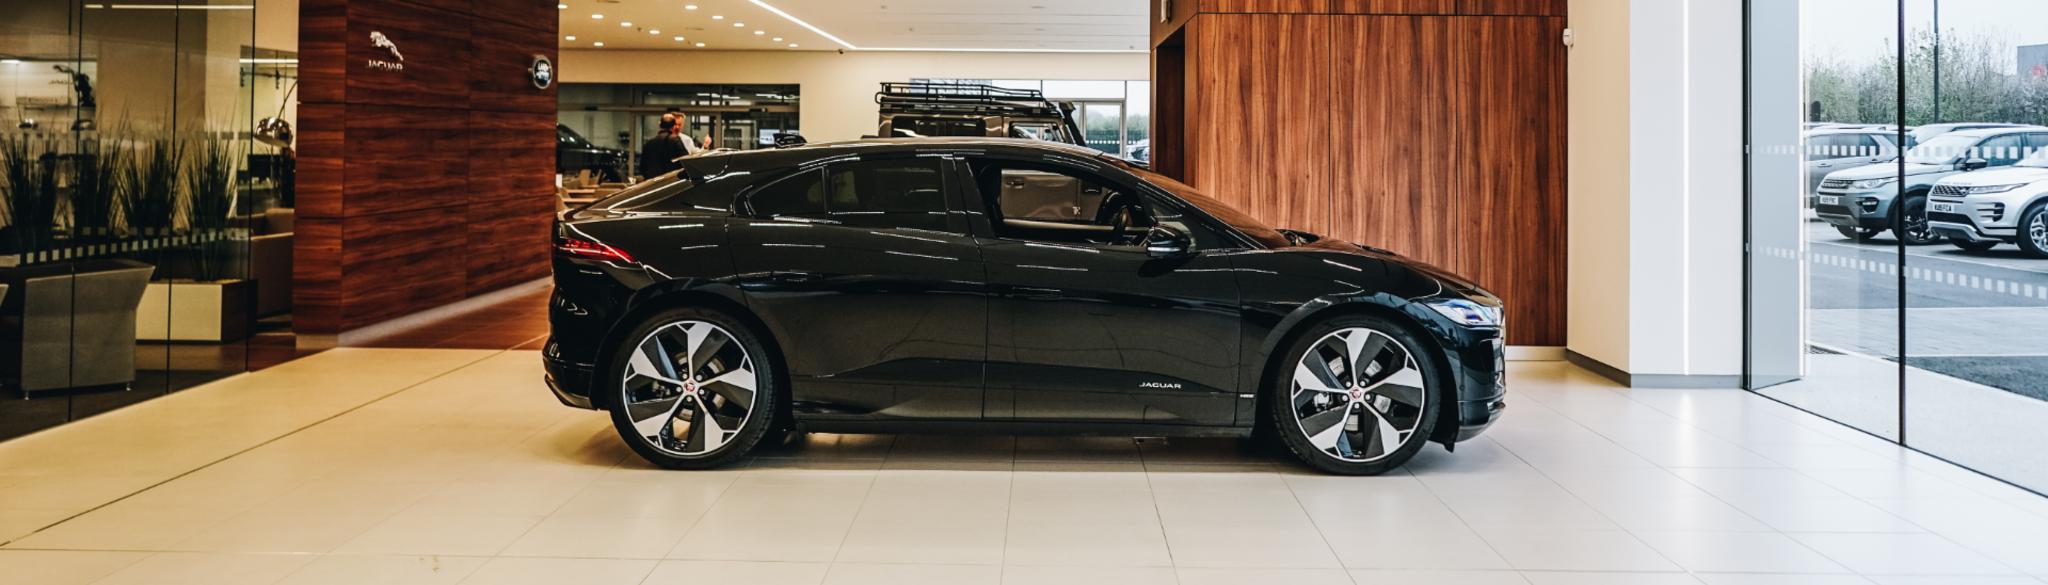 Jaguar I PACE side